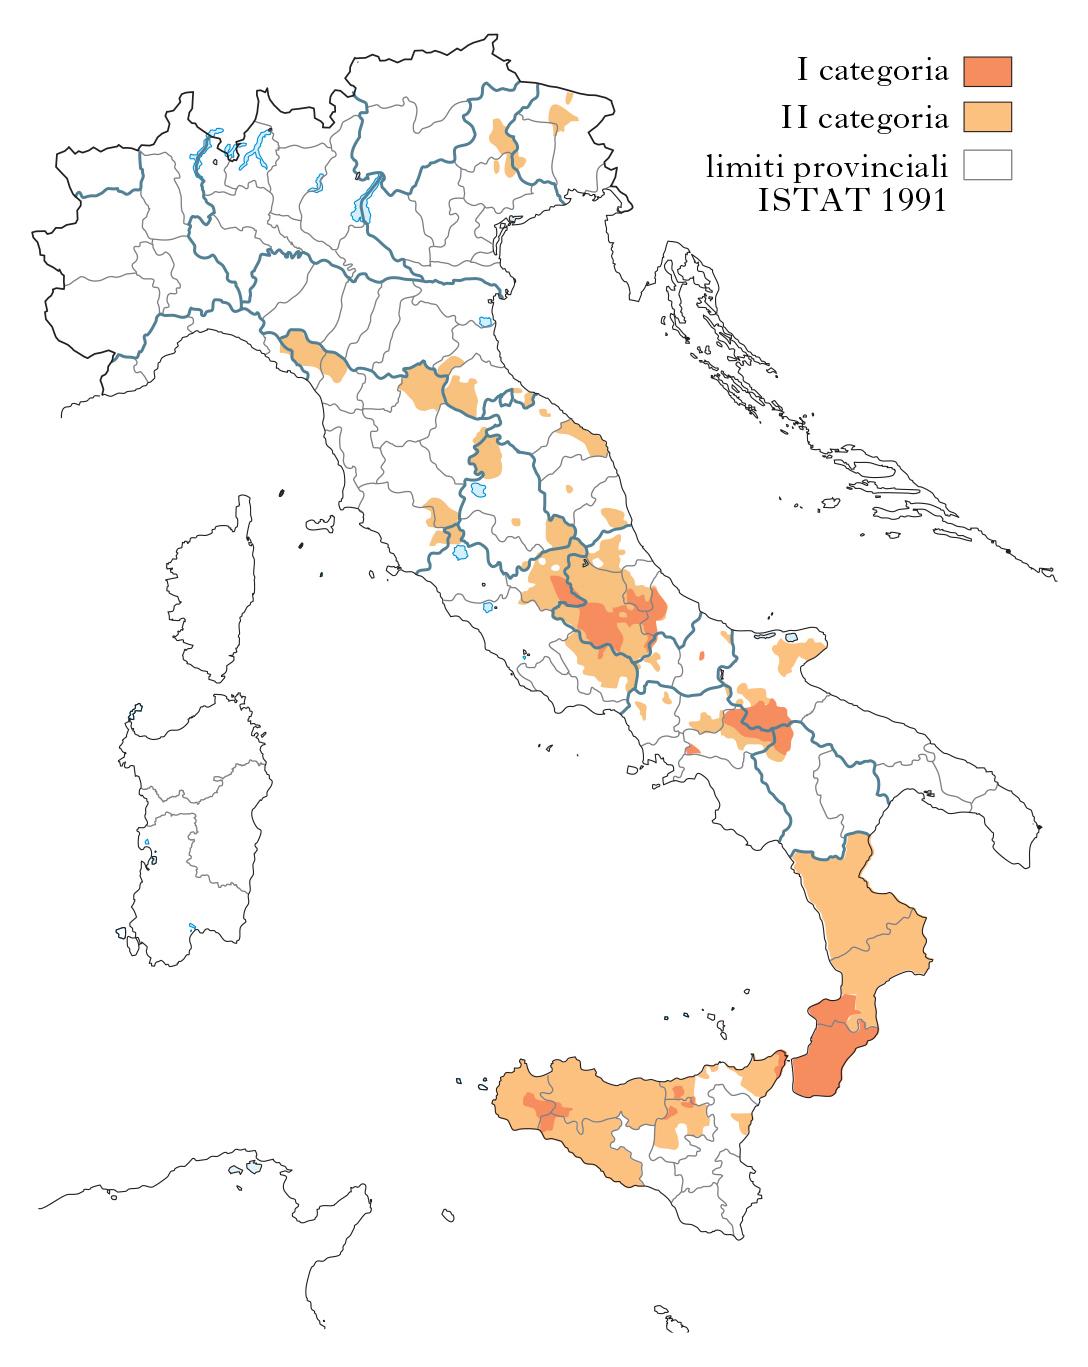 Zone rischio sismico italia il rischio sismico in italia for Mappa sismica italia